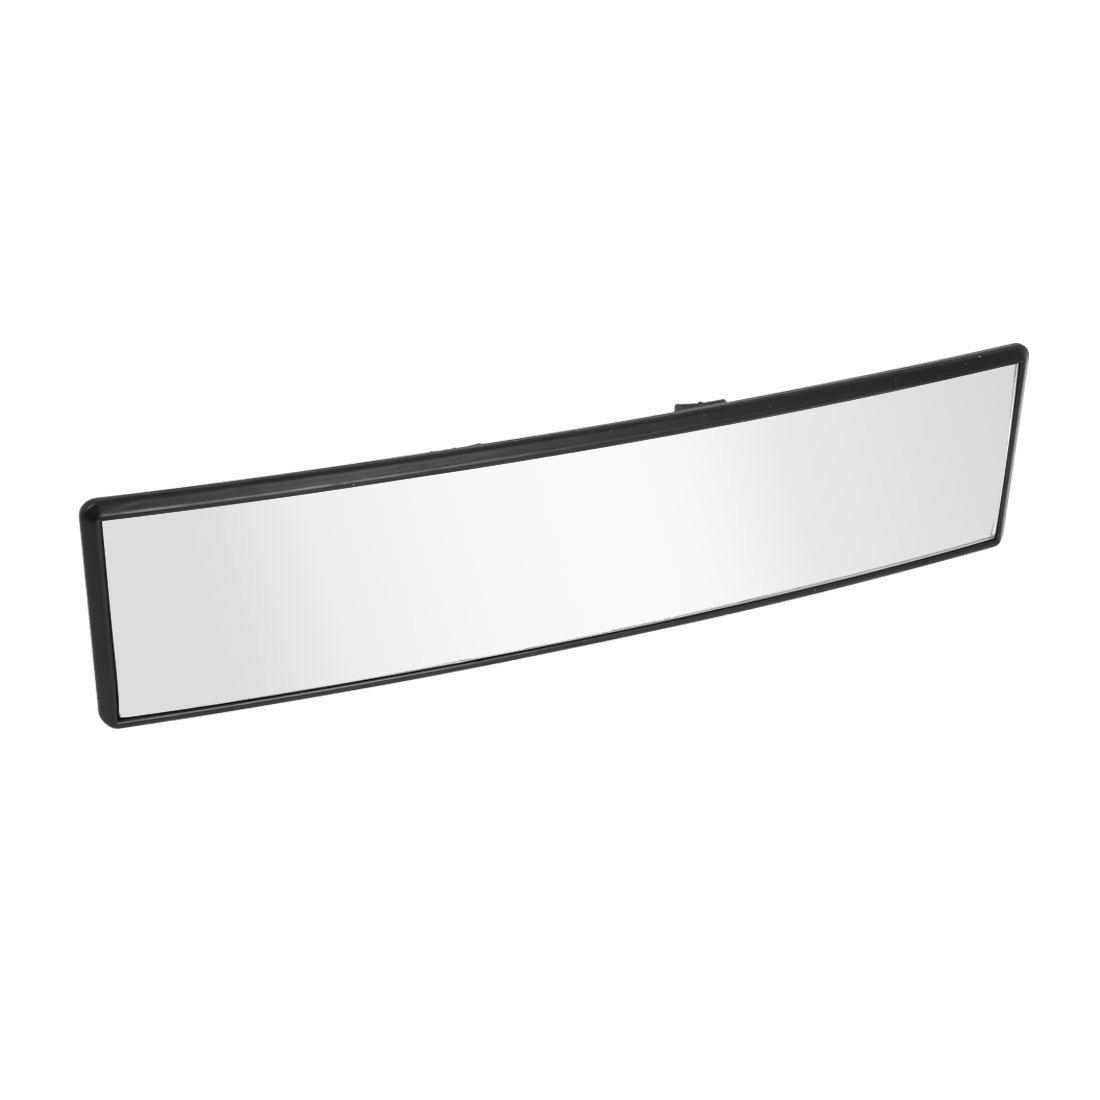 Universel 300mm breit Courbe zum Panorama Ruckspiegel innen